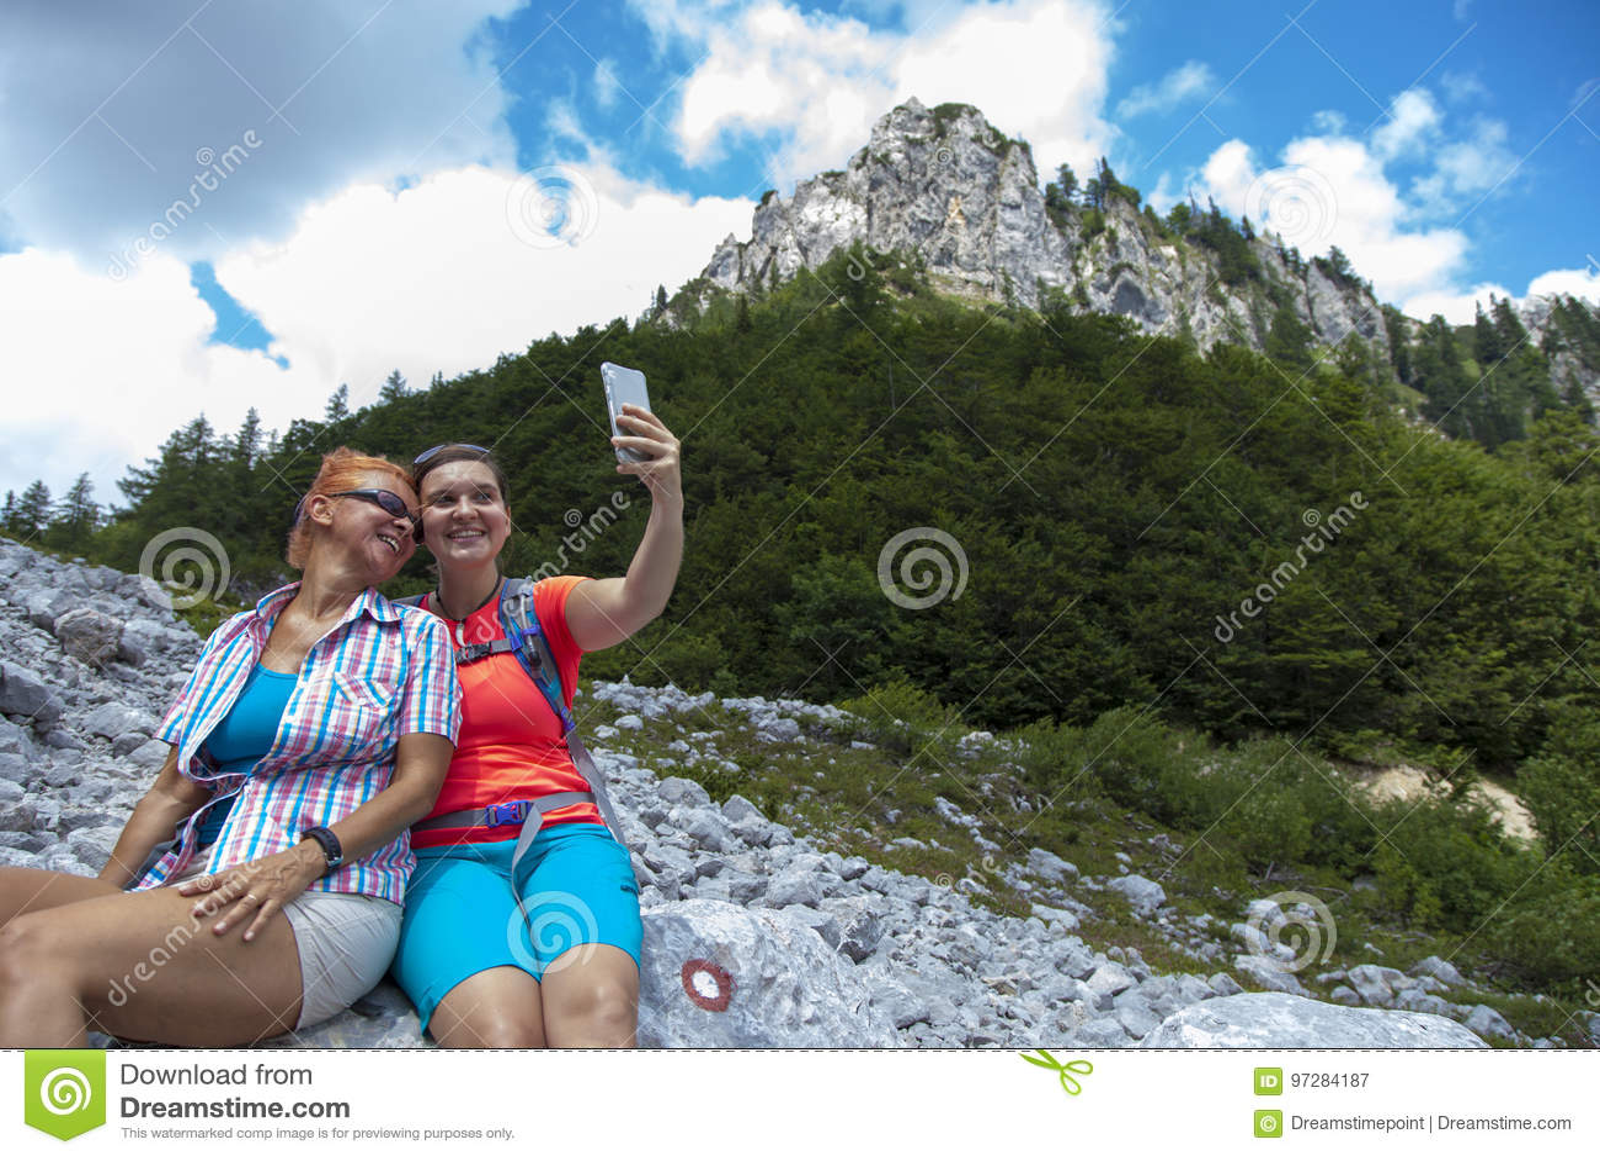 Dwa ładnej żeńskiej kobiety fotografuje selfie na halnym szczycie